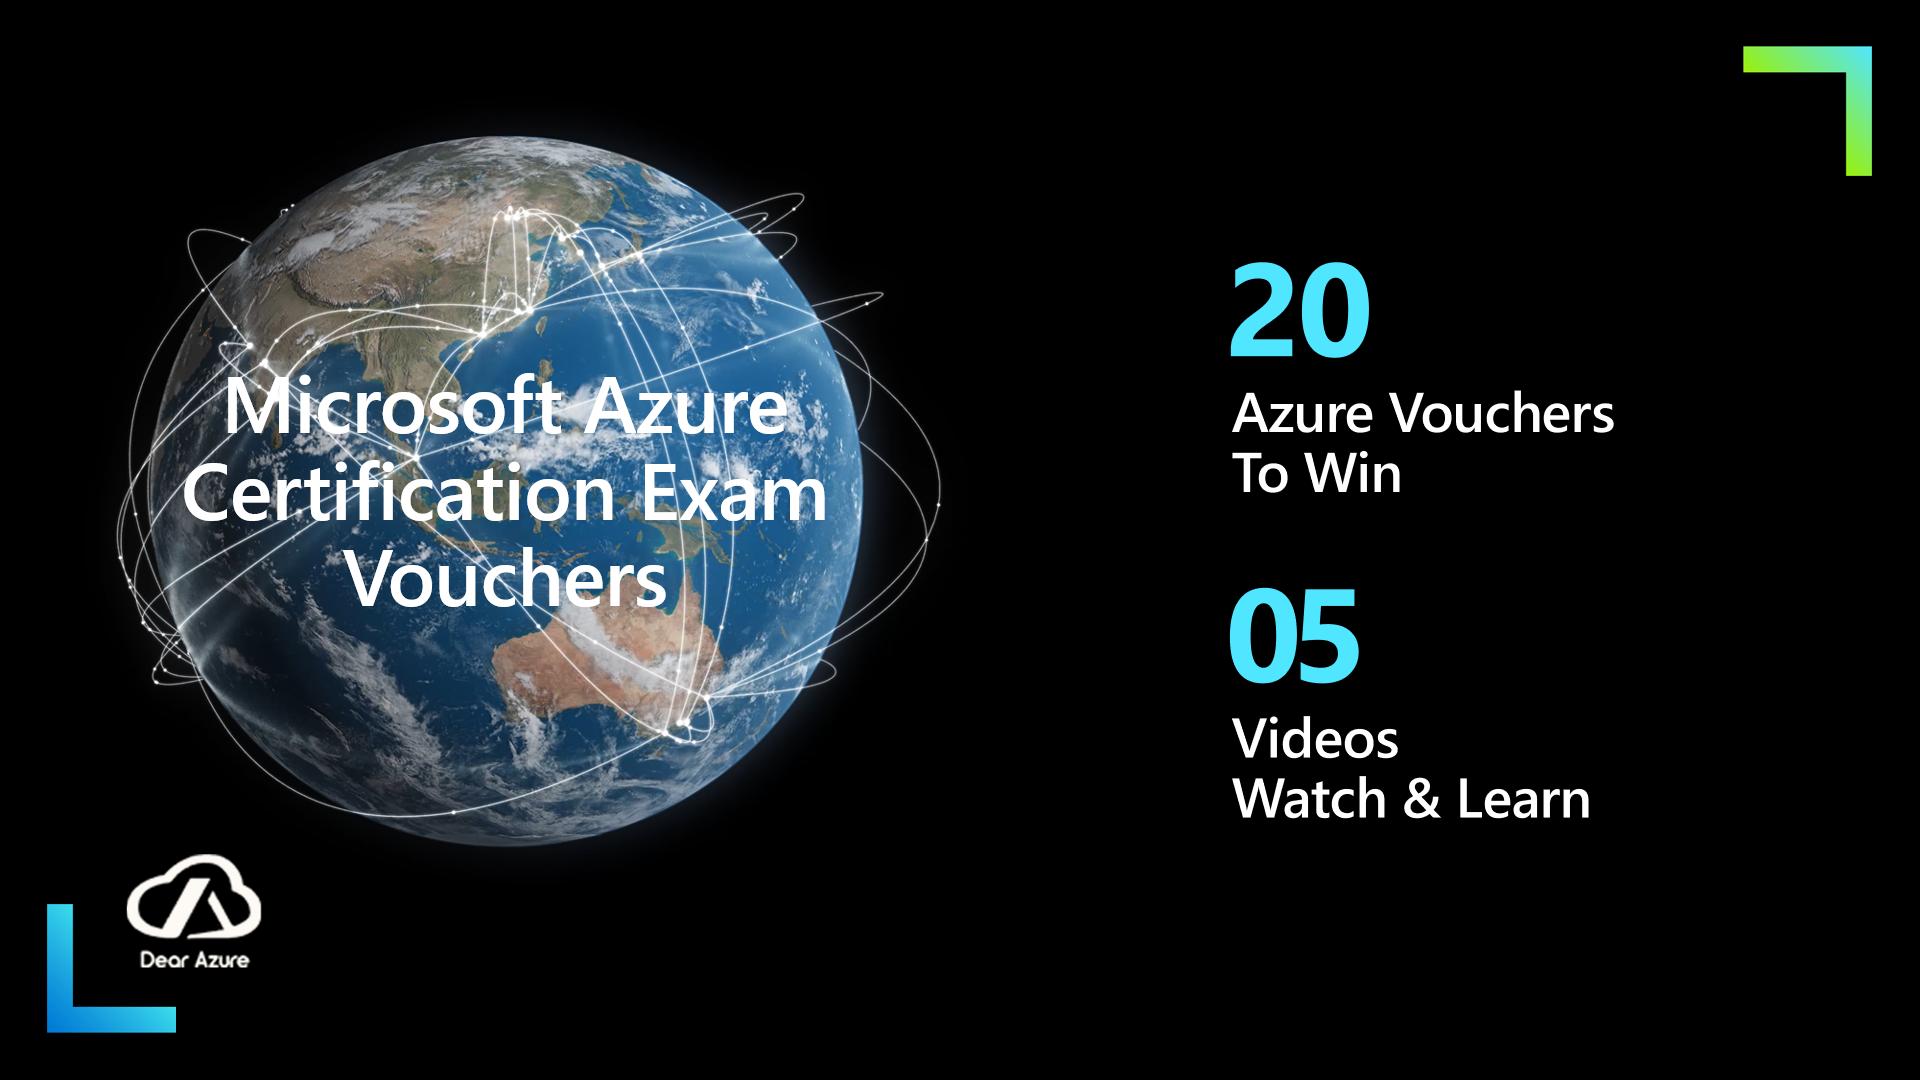 How to win Microsoft Azure Exam Voucher